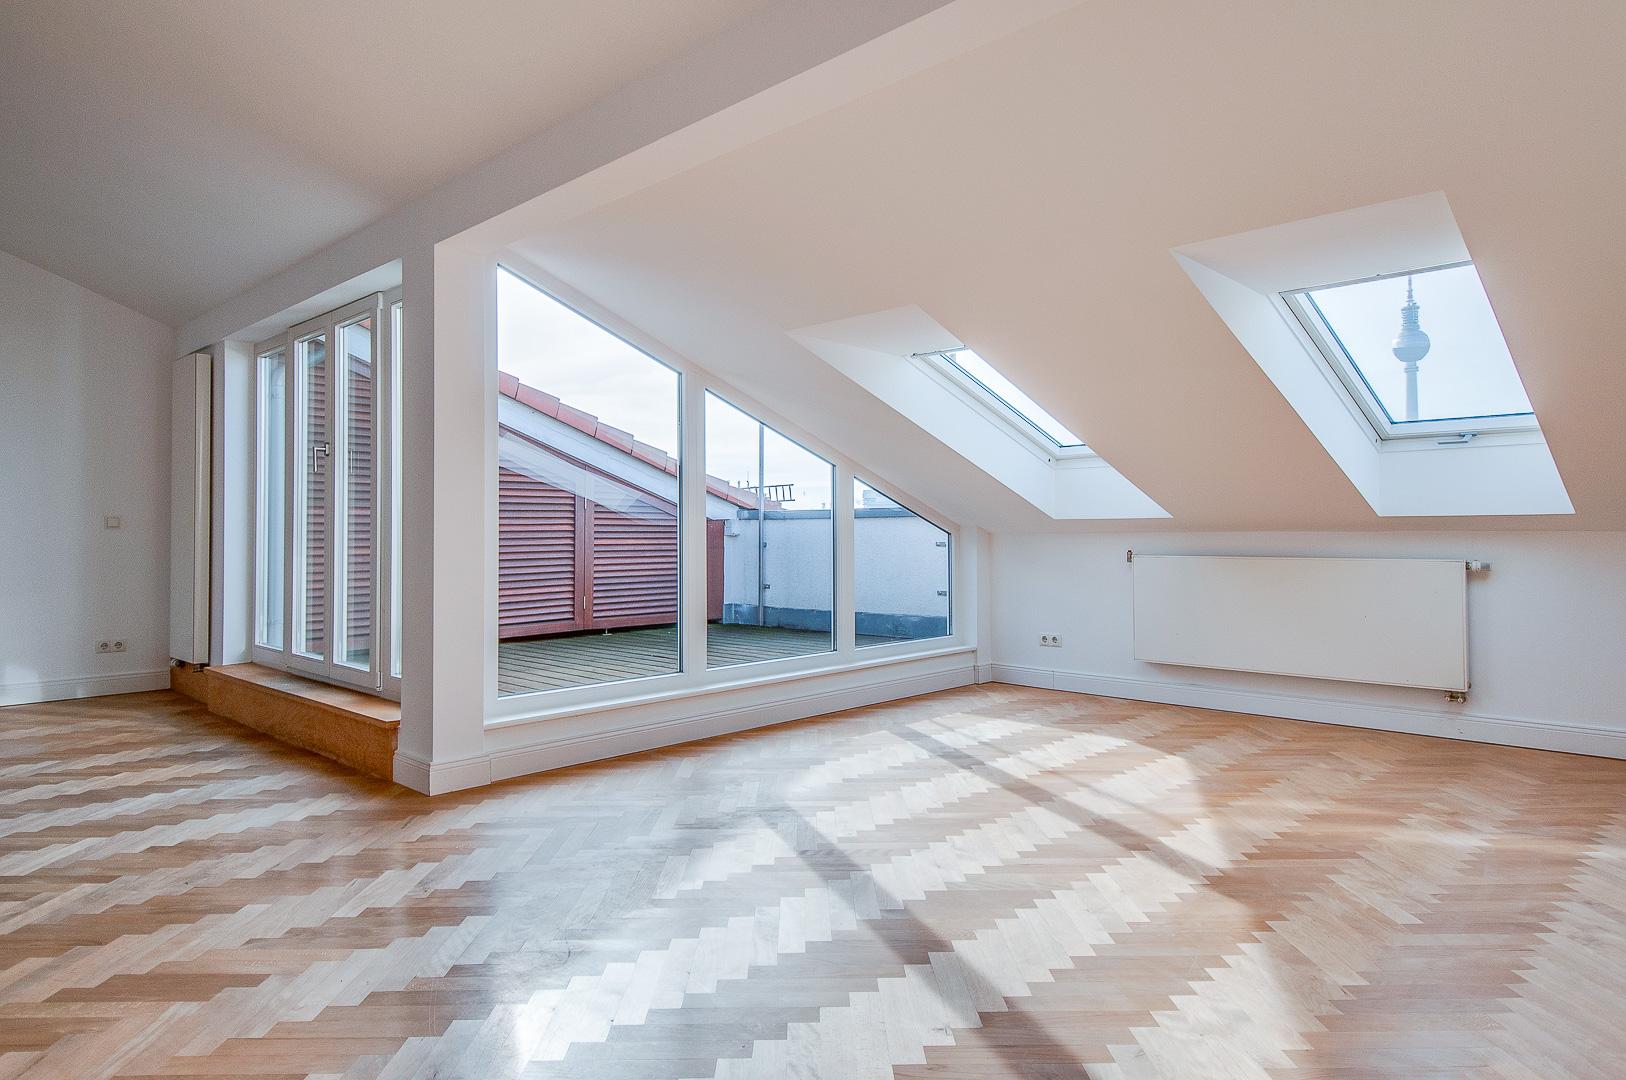 Wohnzimmer, Dachterrasse